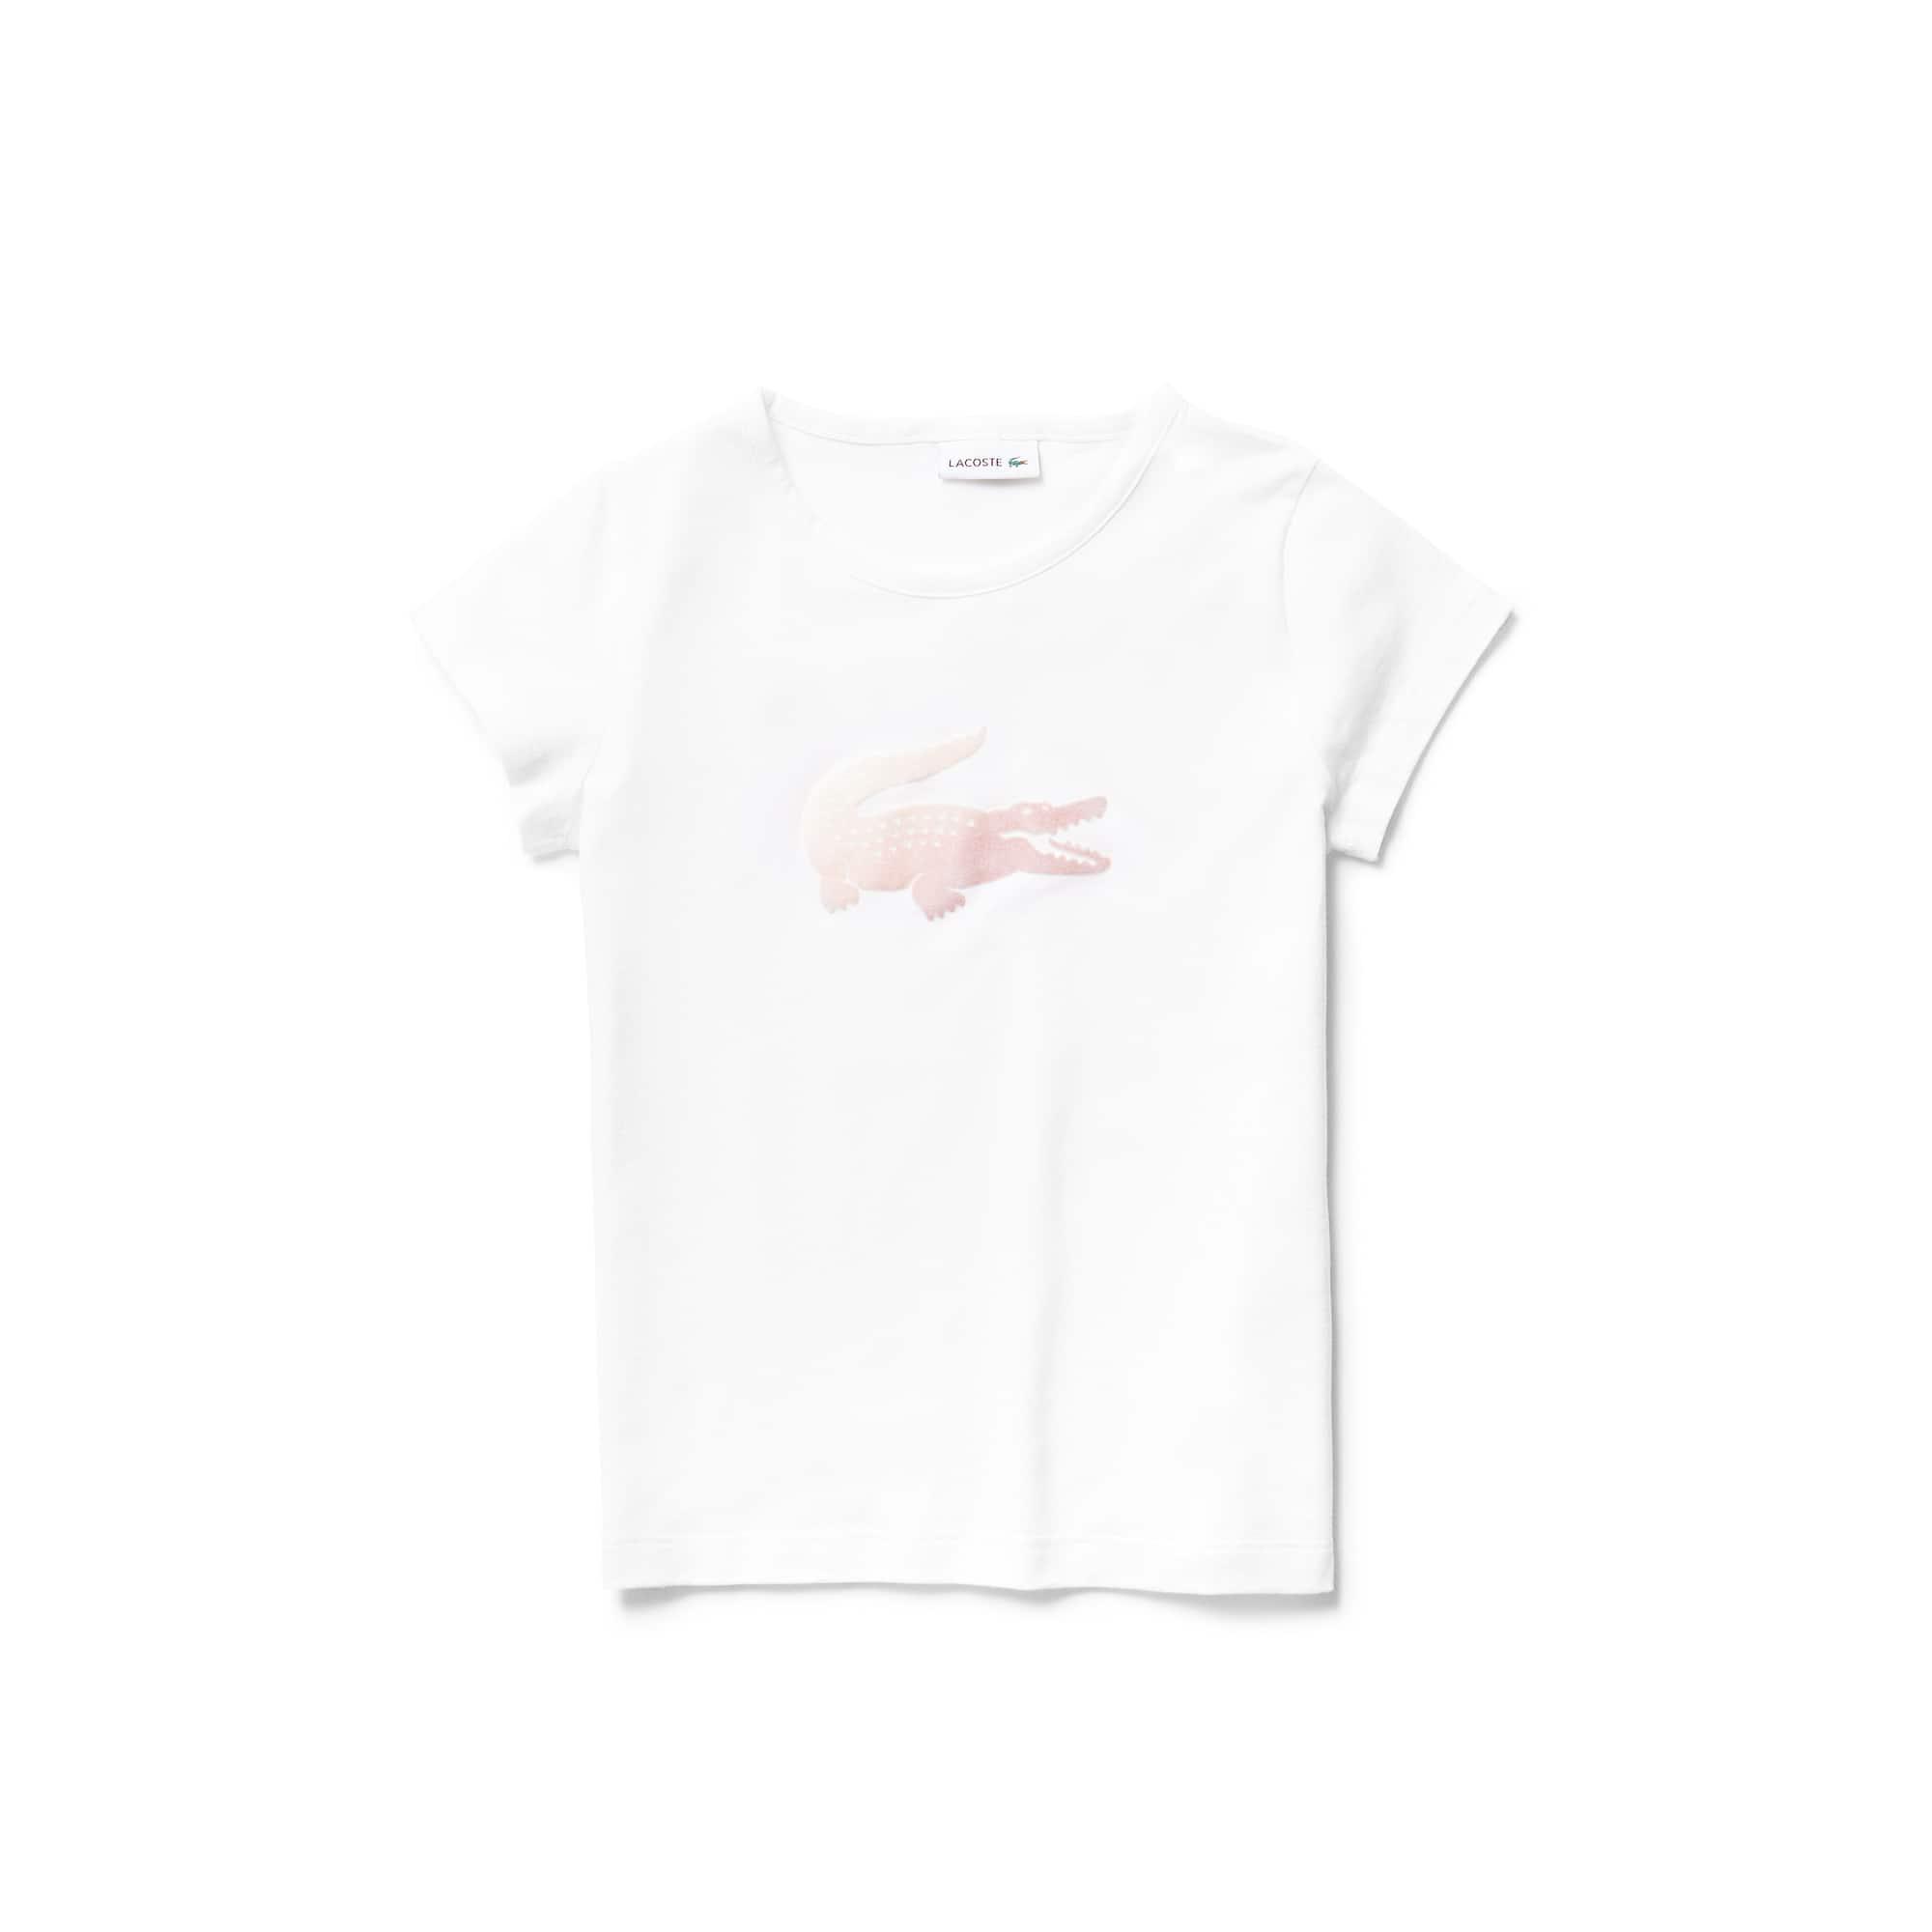 (키즈) 오버사이즈 악어 로고 크루넥 저지 스트라이프 티셔츠